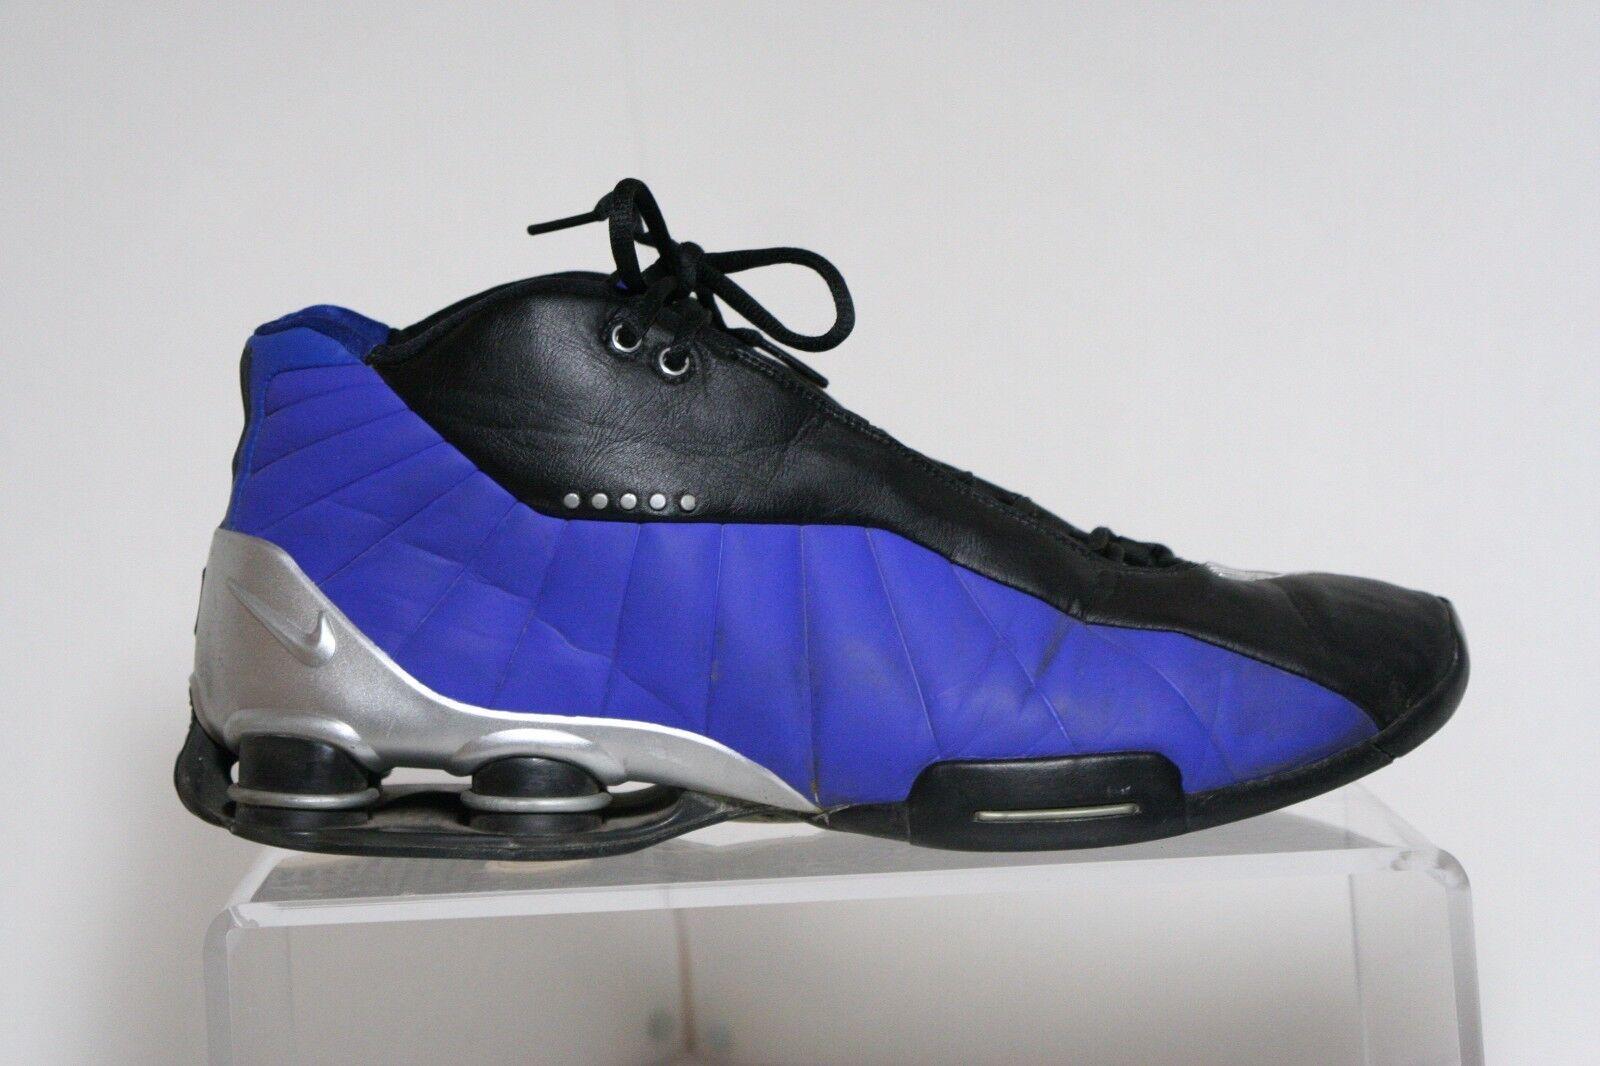 Nike air shox bb4 ripropone 05